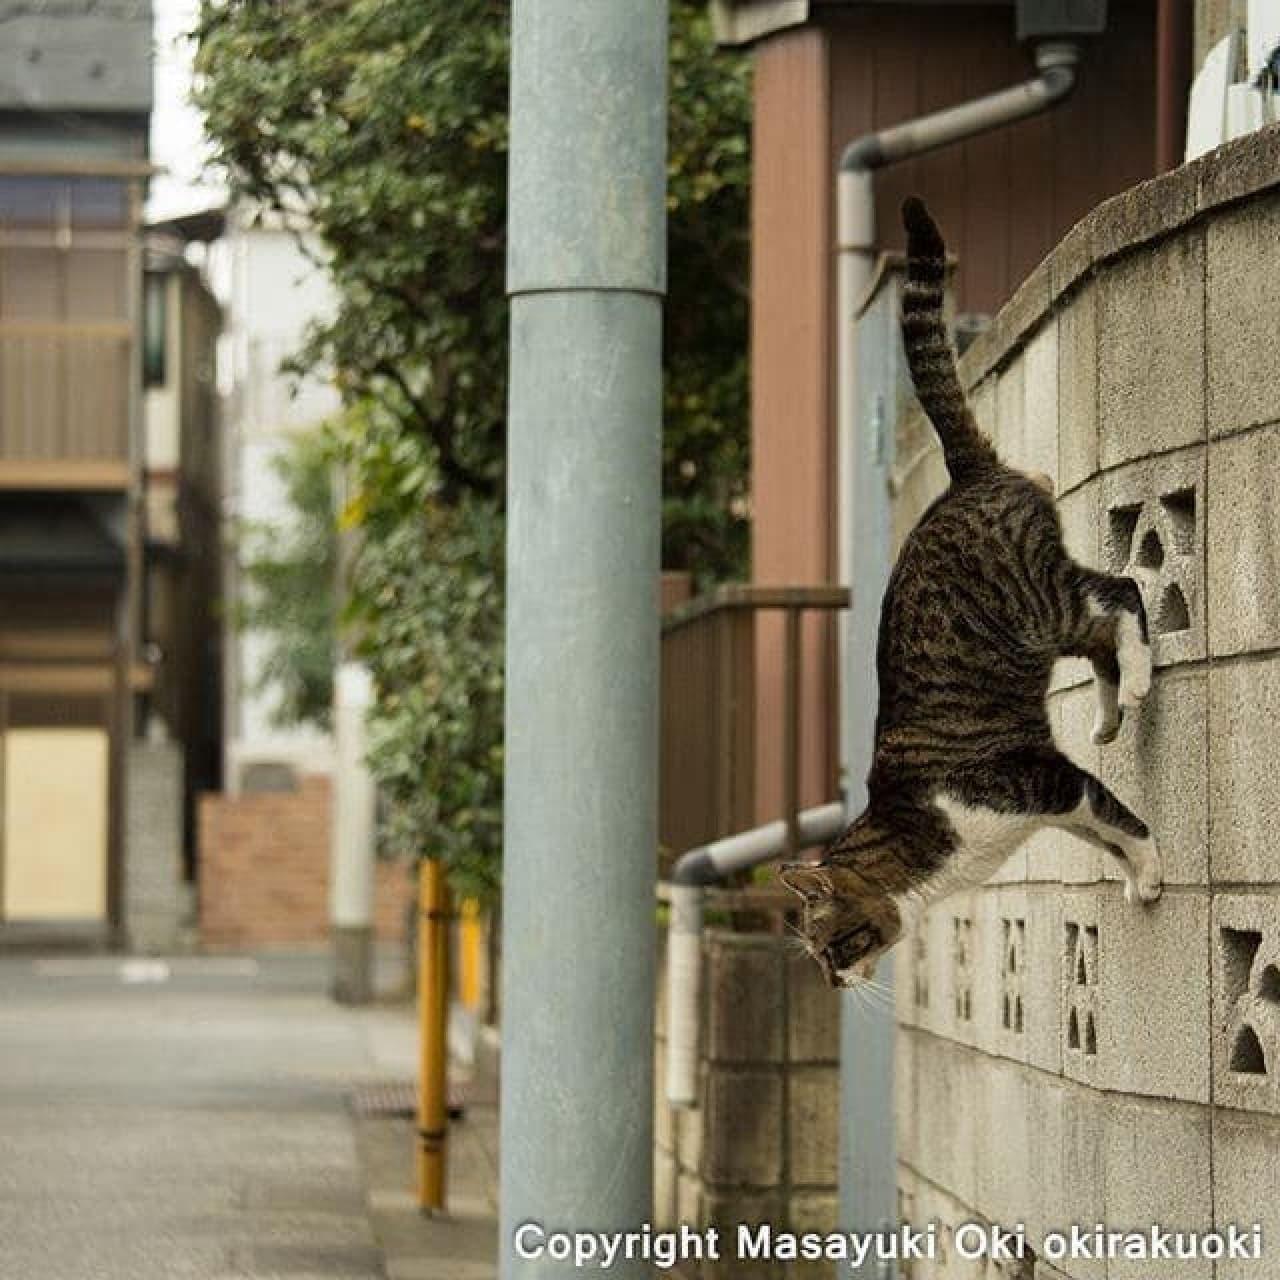 おきさんの撮影した無重力ネコ